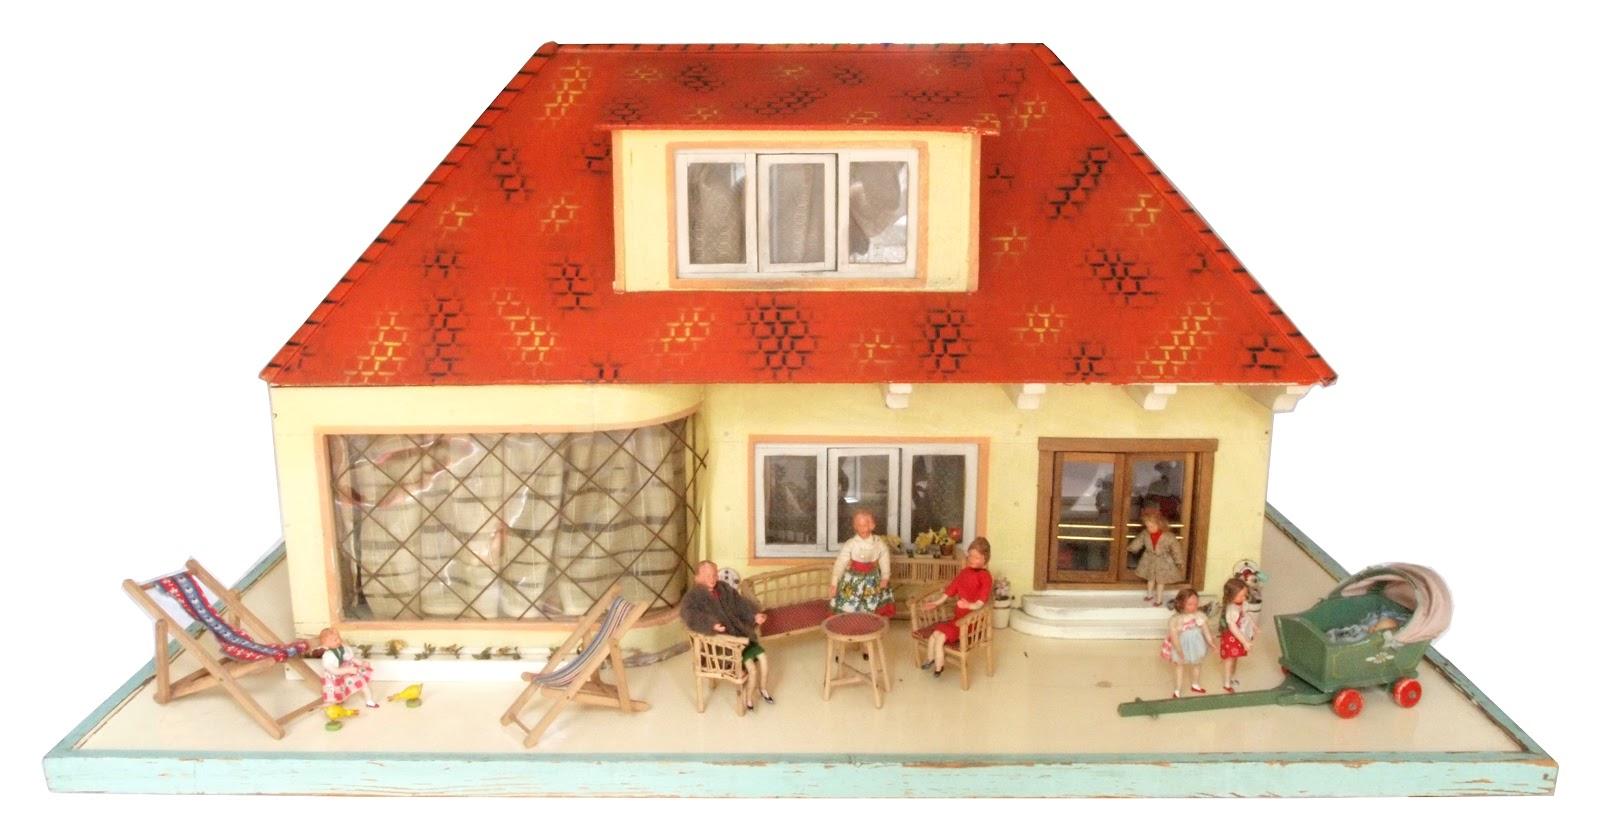 Diepuppenstubensammlerin: großes puppenhaus 1955 c. moritz reichel